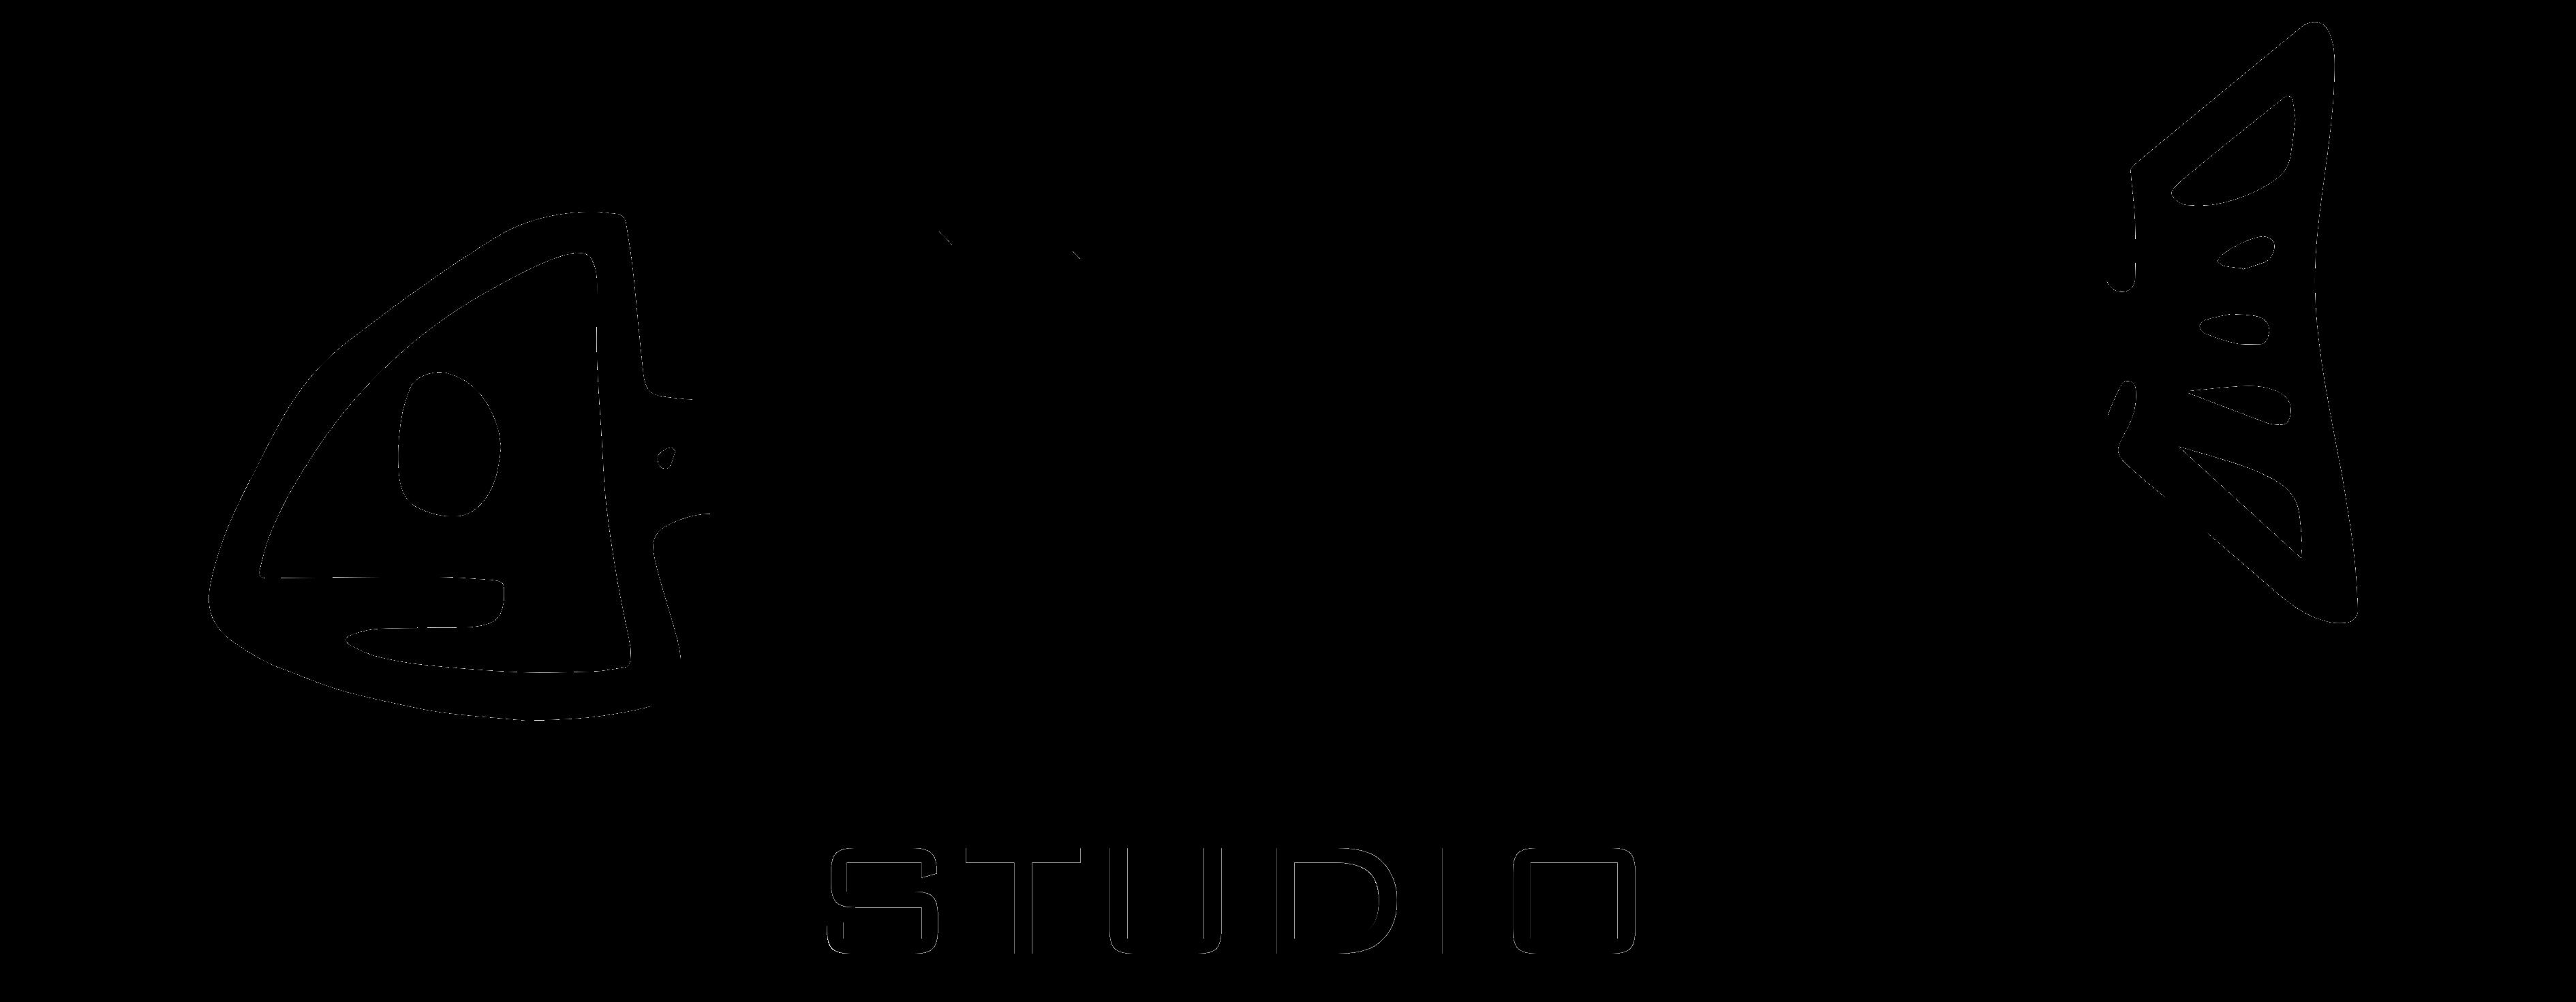 JunkFishStudio